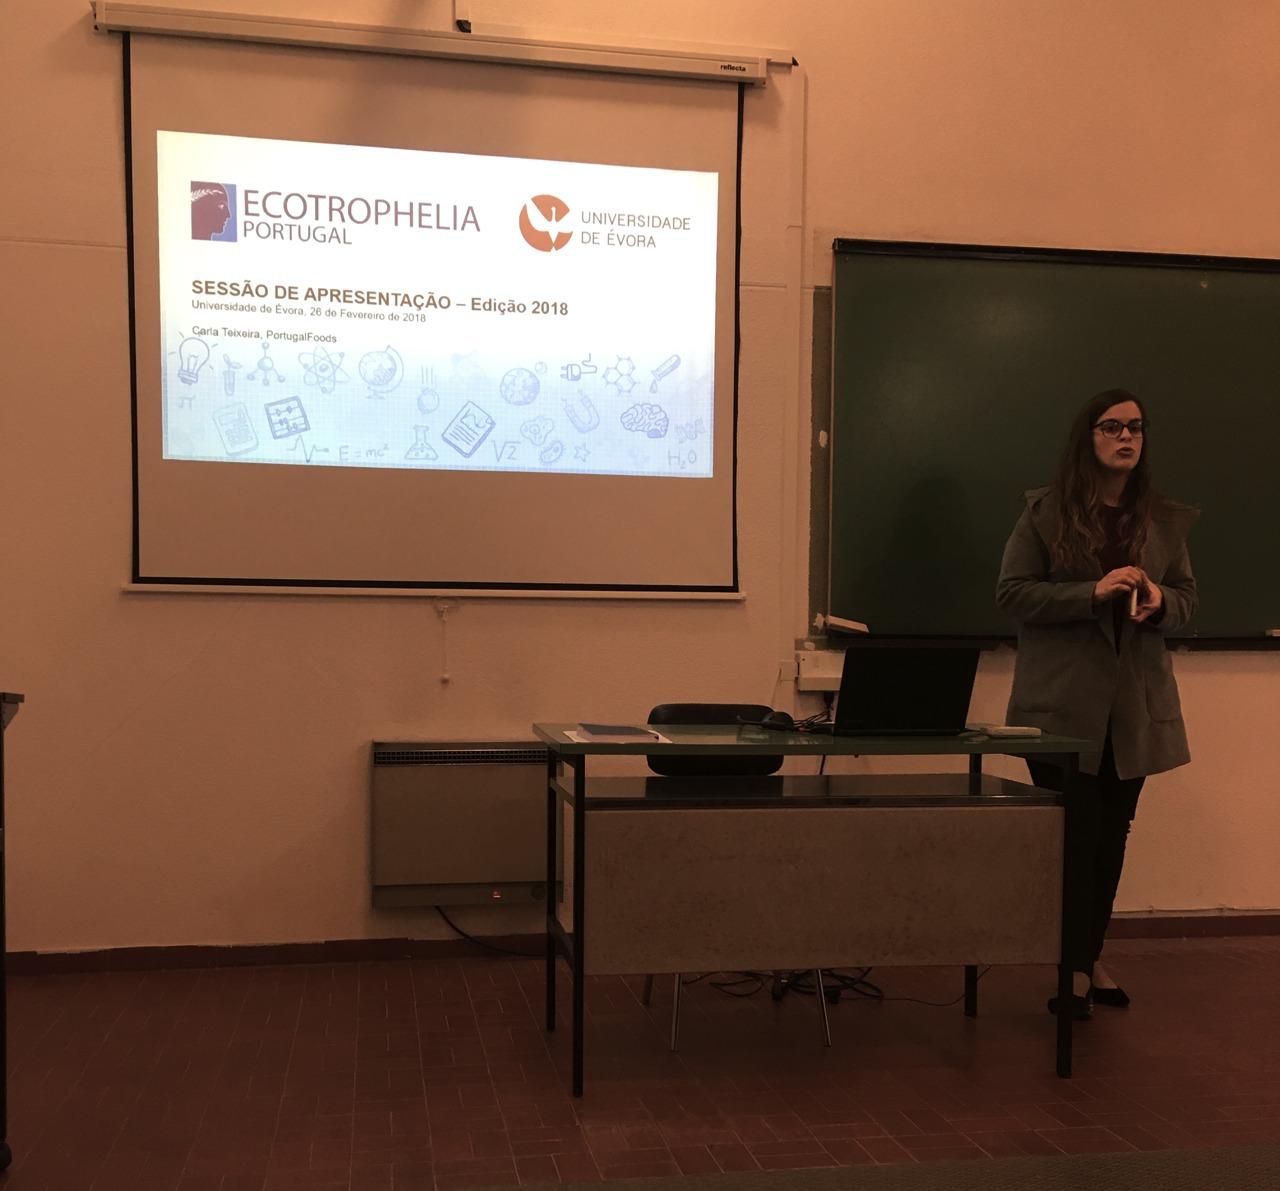 Ecotrophelia Portugal, Media, Notícias, Estudantes da Universidade de Évora desafiados